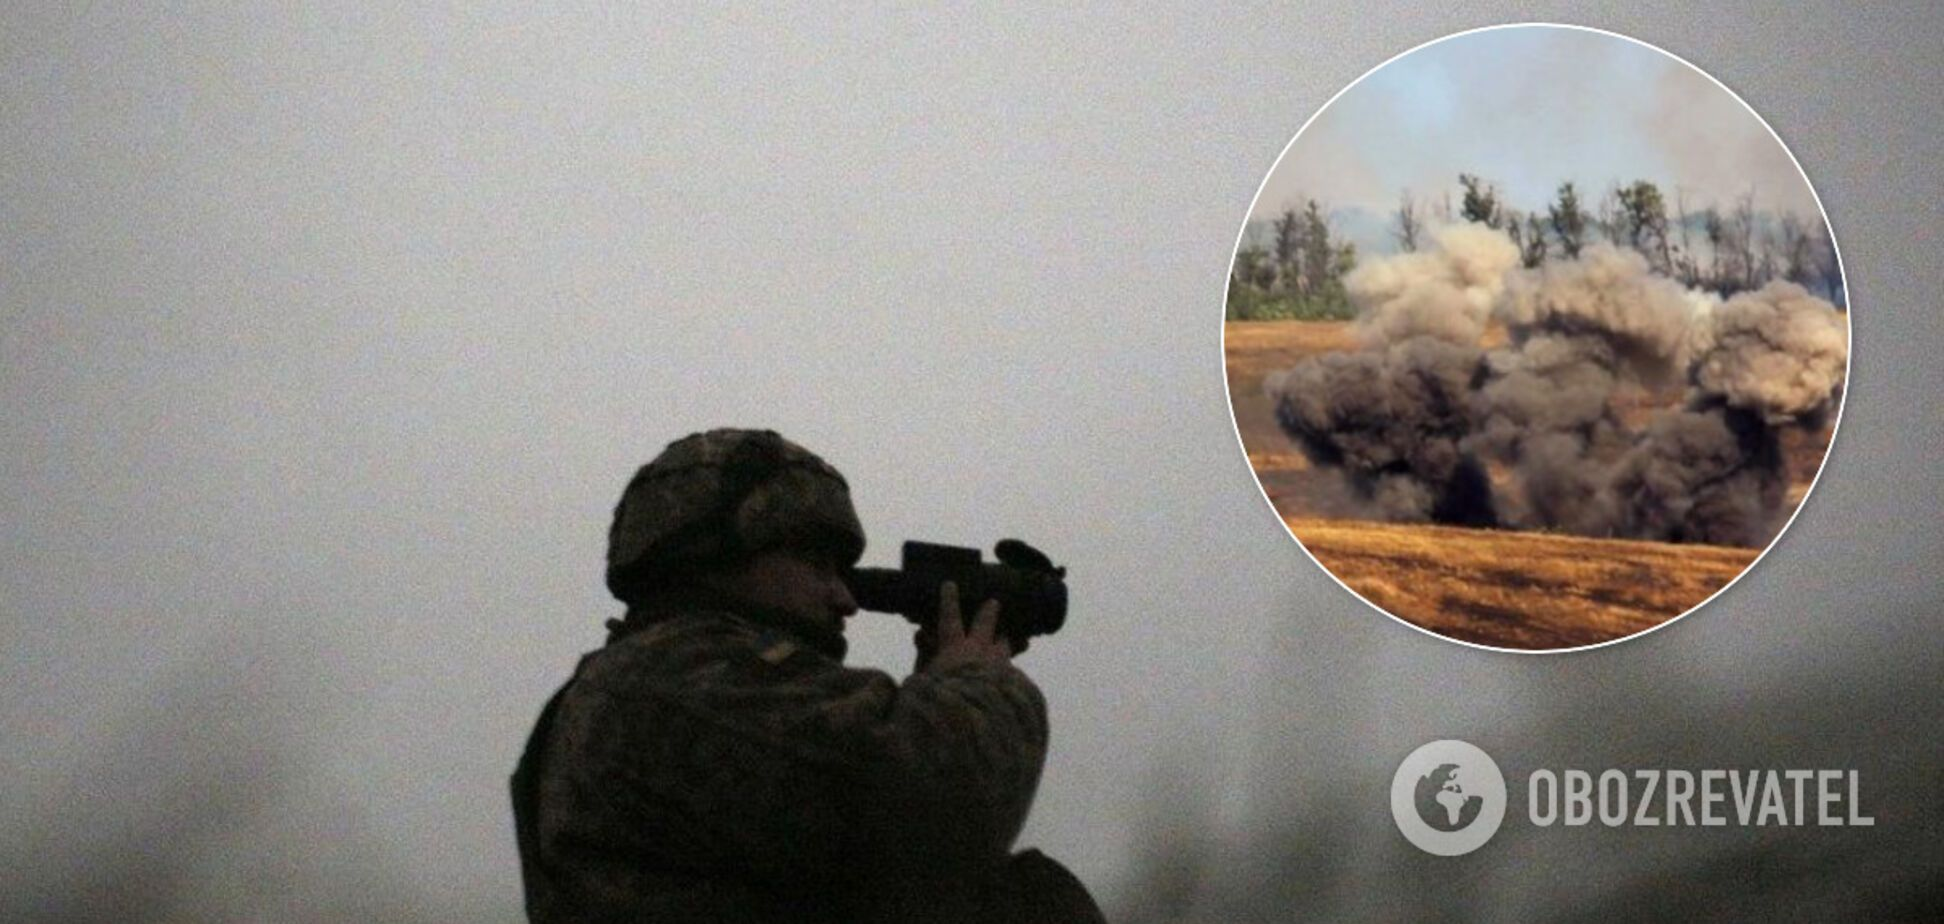 ВСУ потеряли позиции вблизи Золотого: подробности боя